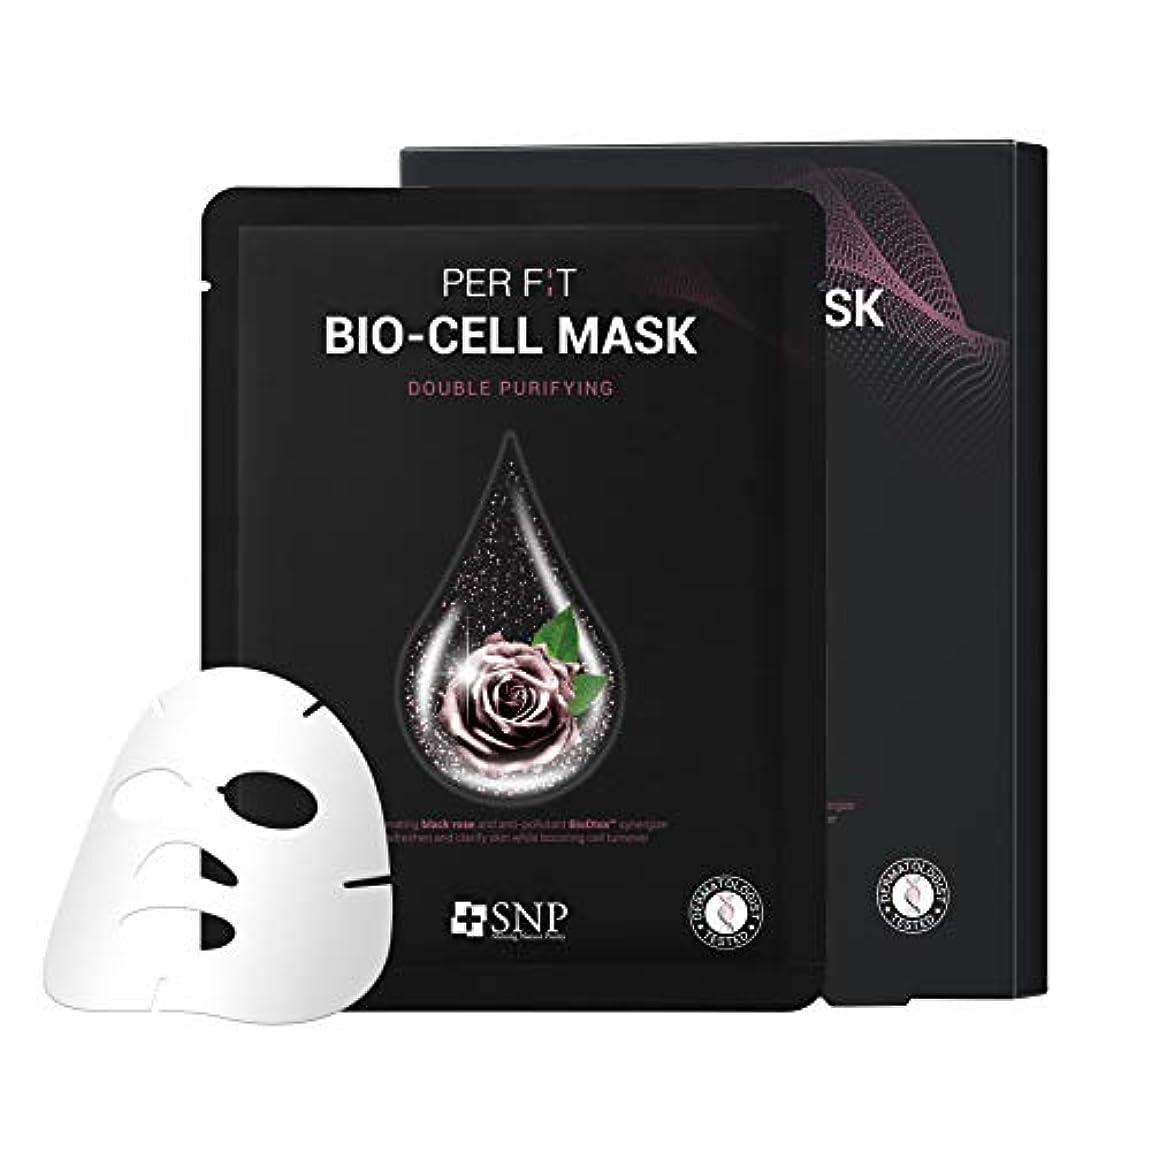 リーダーシップスロー崇拝します【SNP公式】パーフィット バイオセルマスク ダブルピュリファイング 5枚セット / PER F:T BIO-CELL MASK DOUBLE PURIFYING 韓国パック 韓国コスメ パック マスクパック シートマスク